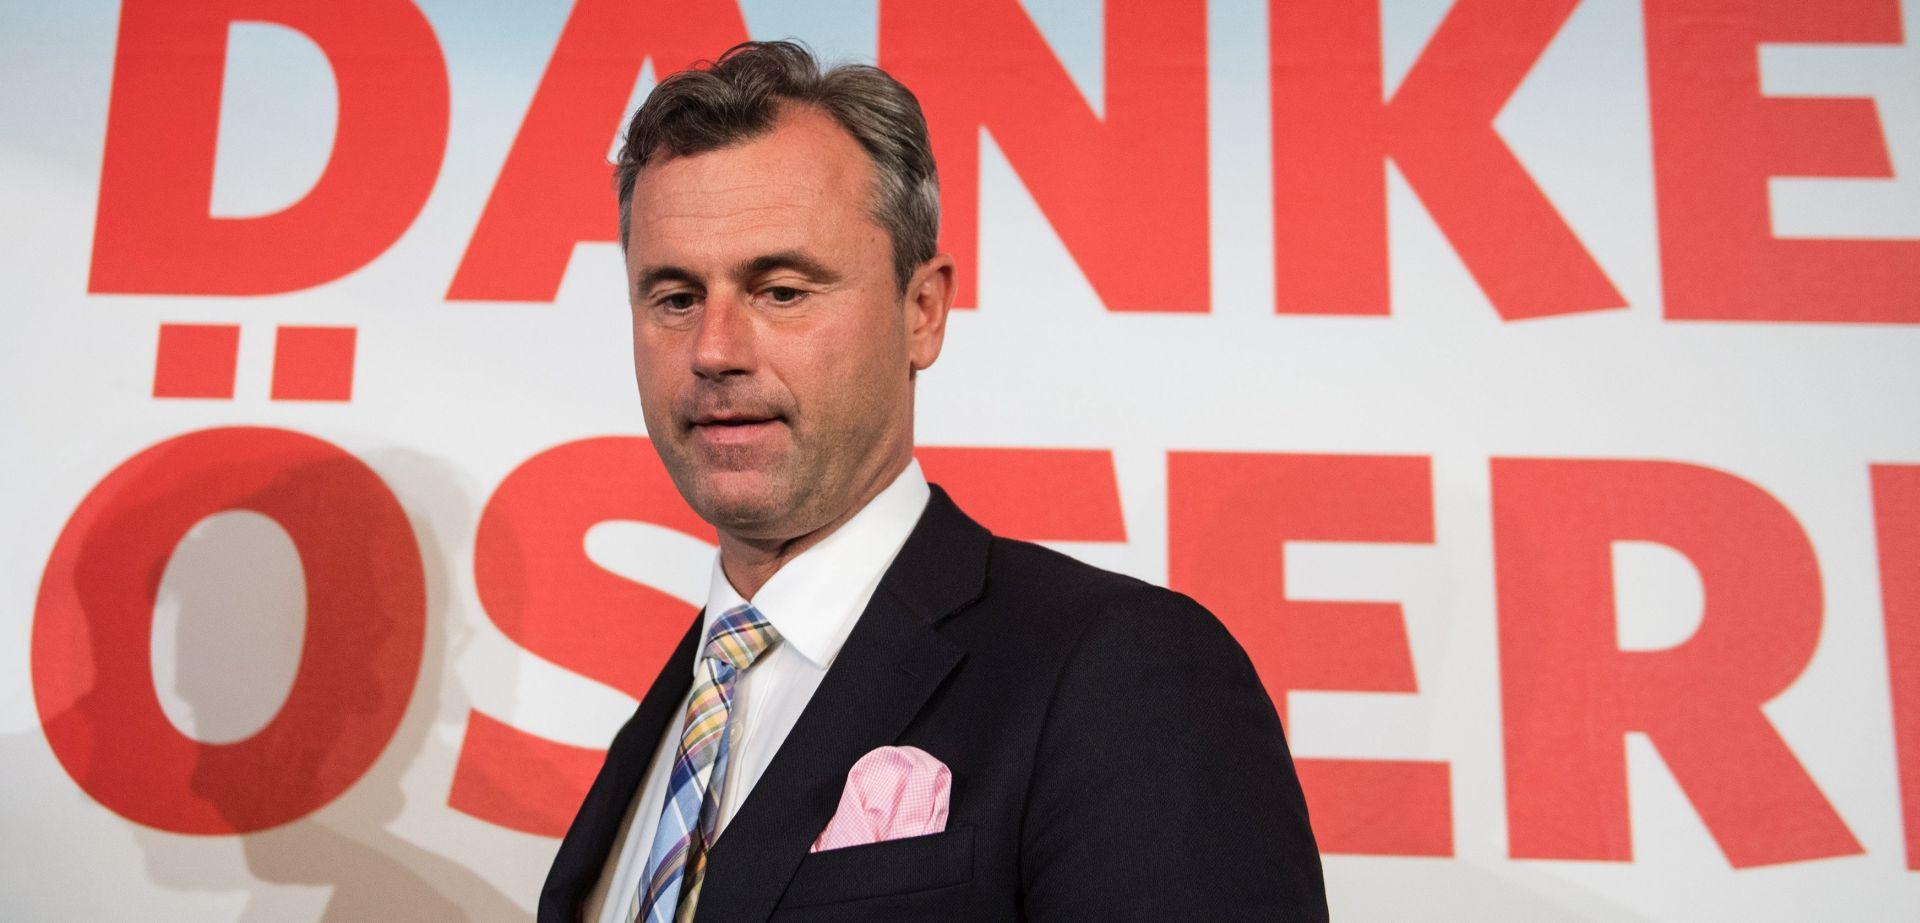 NAKON TIJESNE POBJEDE: Austrijski desničari žale se na rezultat izbora